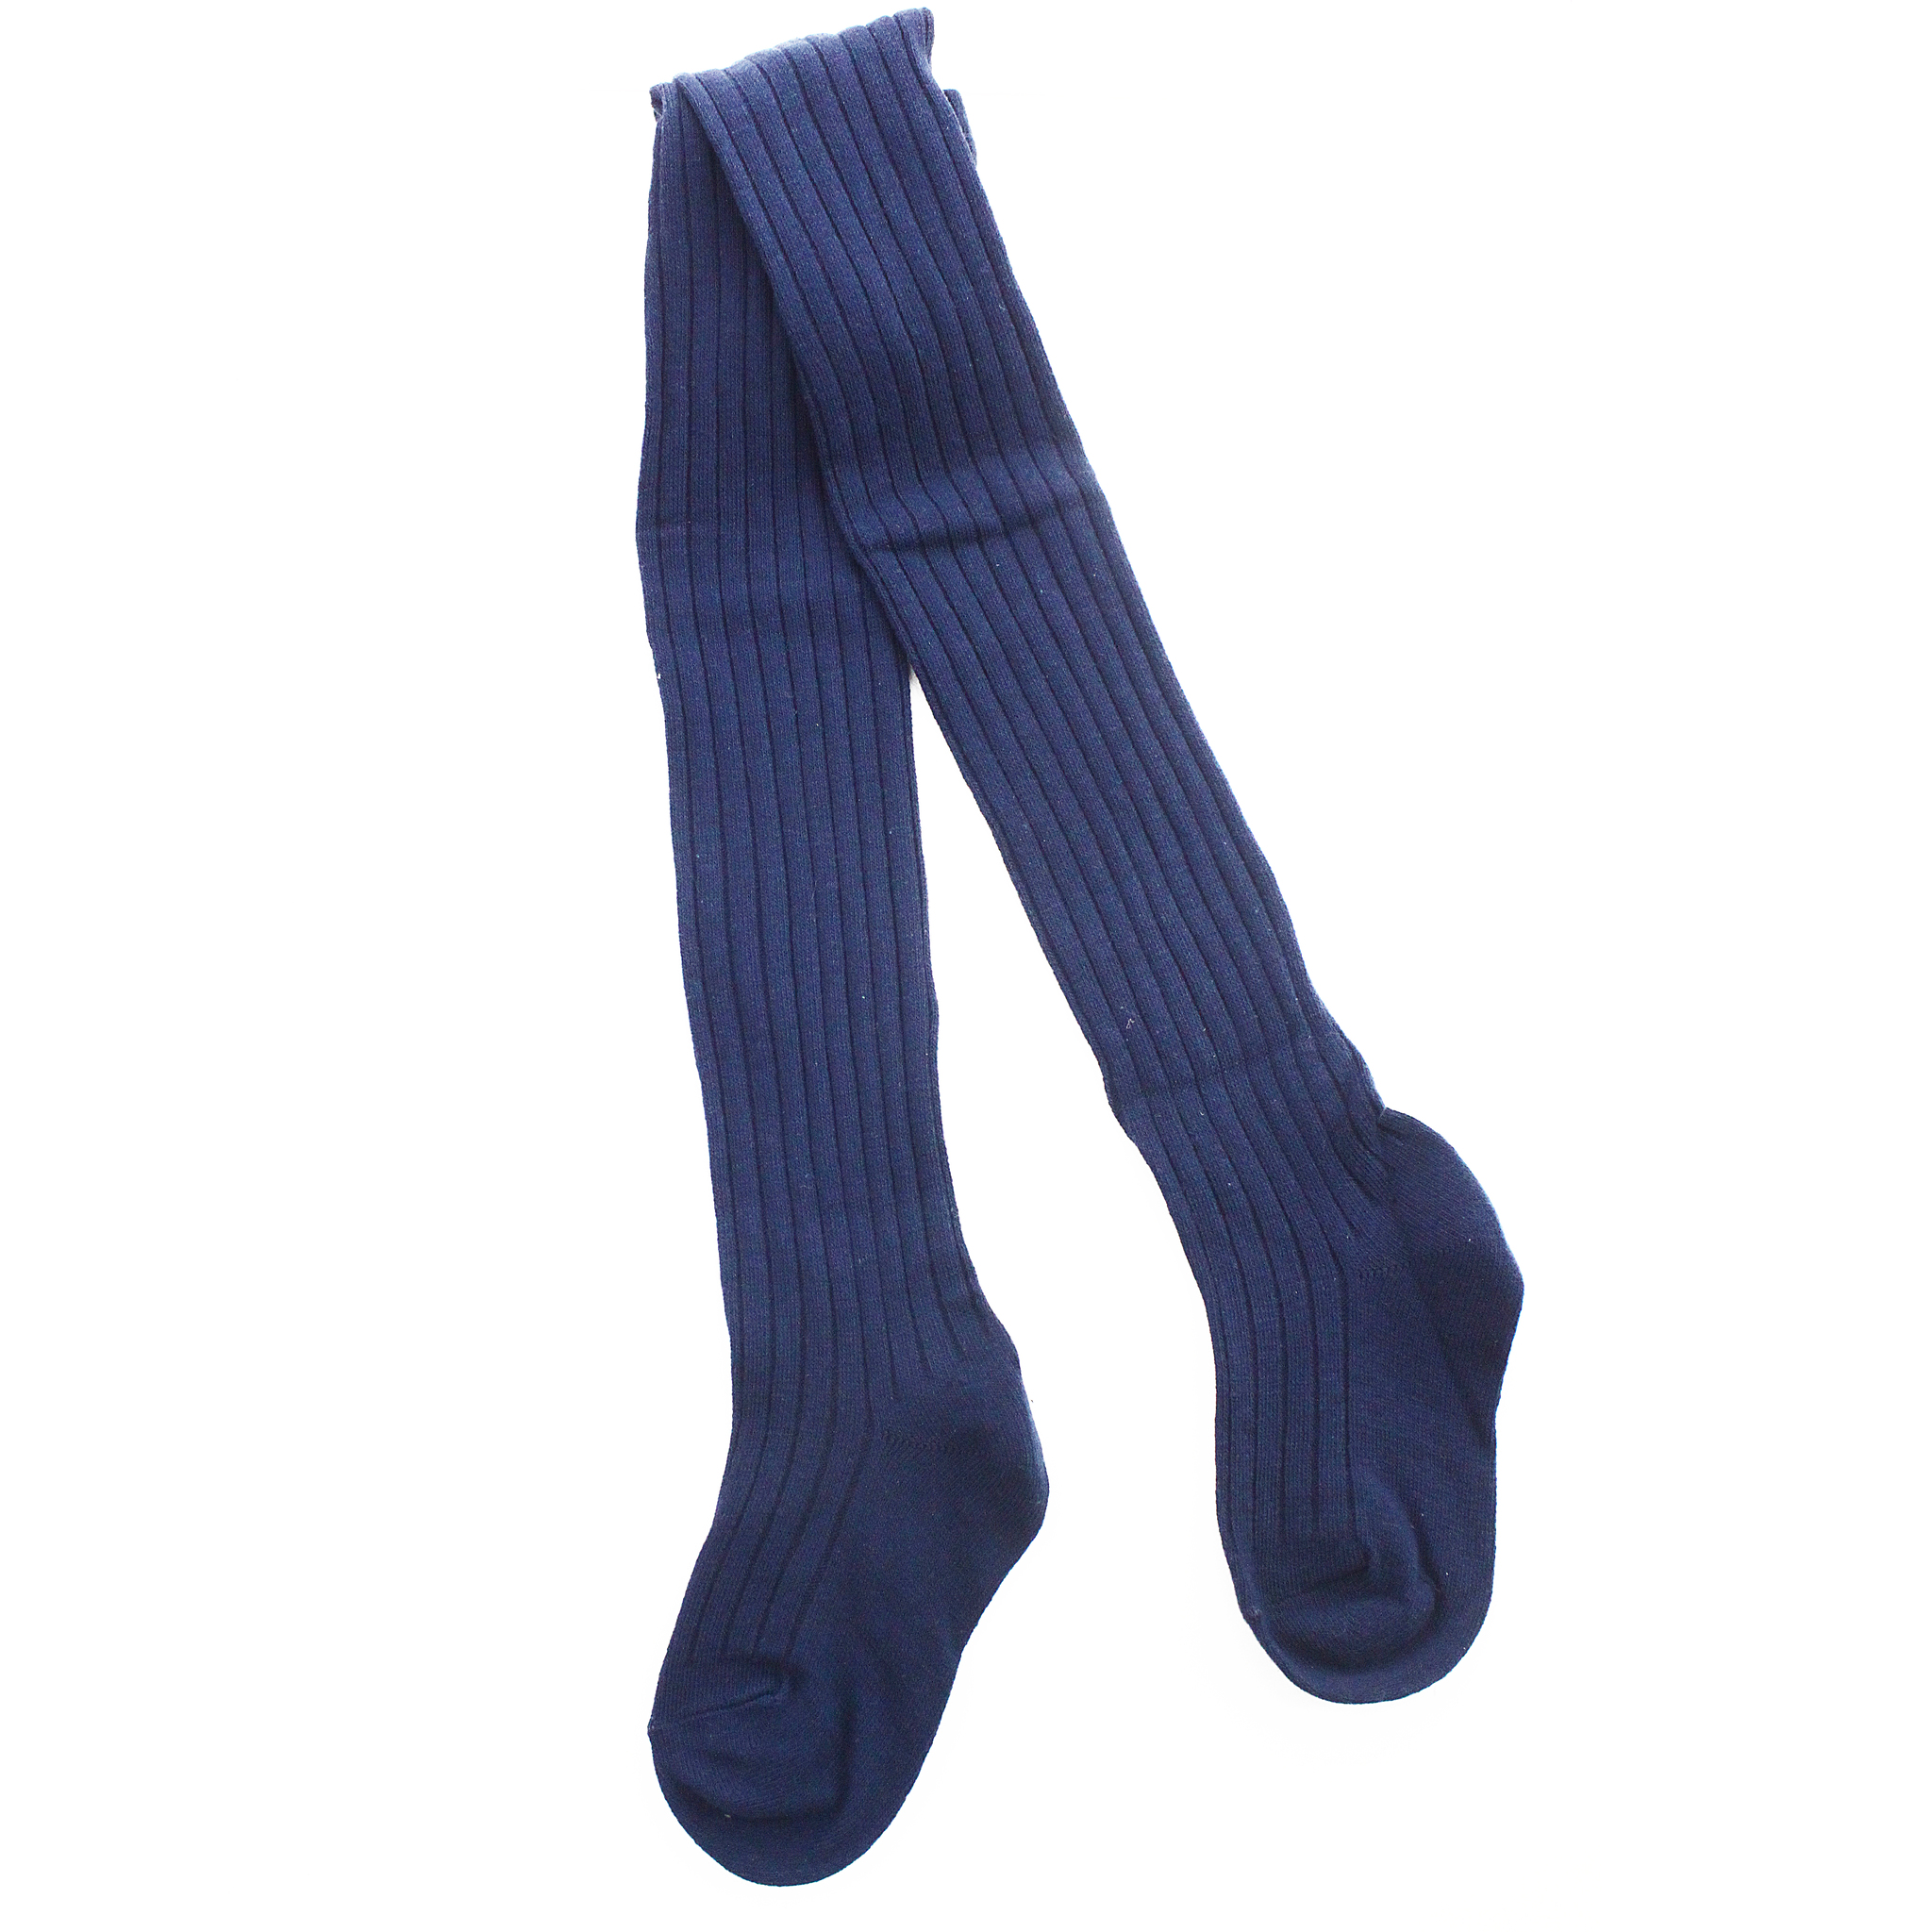 Колготки Рельефные Синие Рост 95 см - 105 см